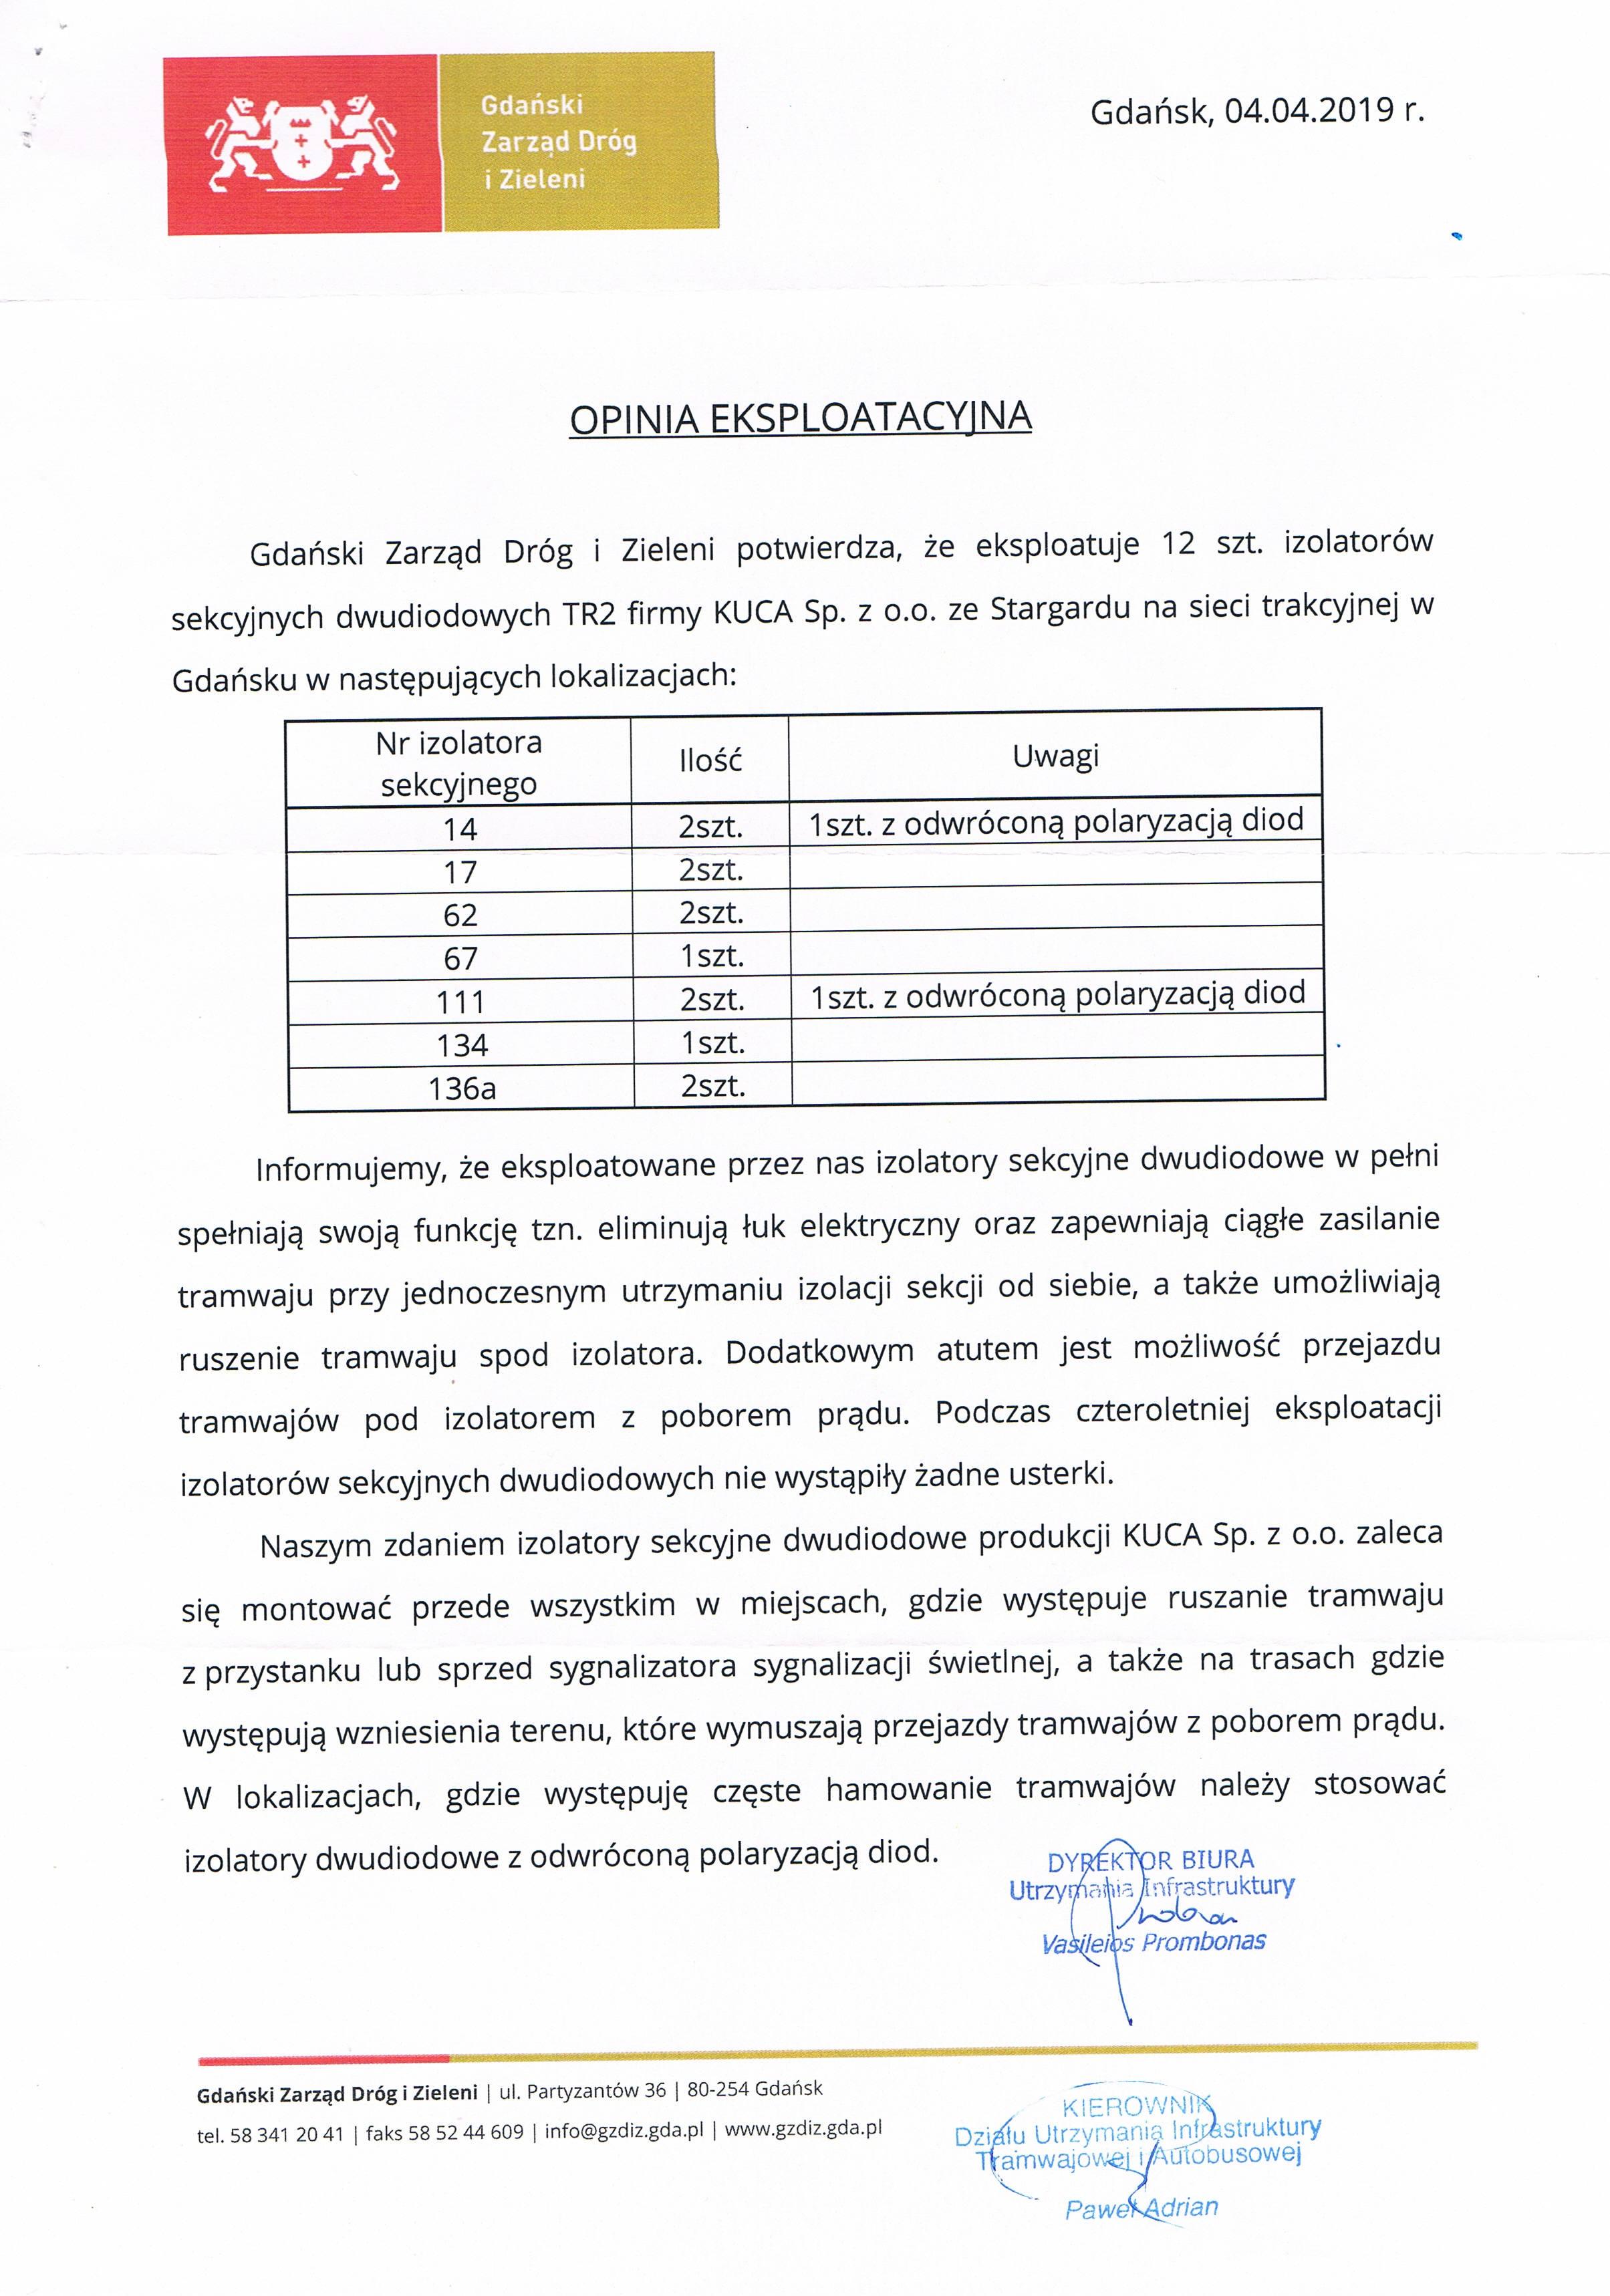 Opinia eksploatacyjna GZDiZ 04.04.2019